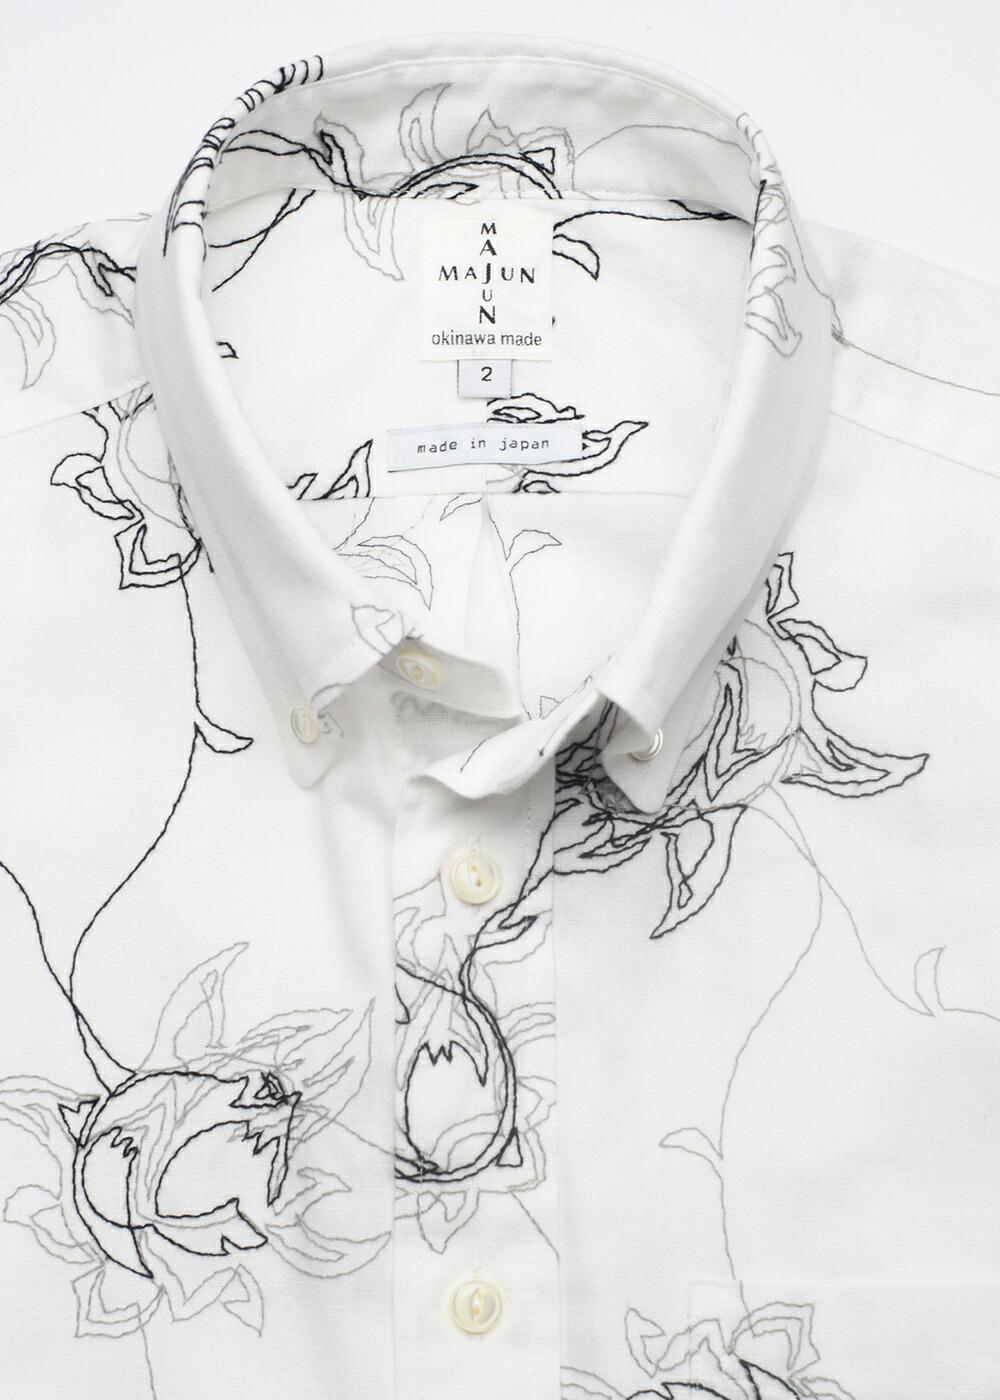 かりゆしウェア アロハシャツ かりゆし 結婚式 MAJUN マジュン エンブロイダリーボルドL/S